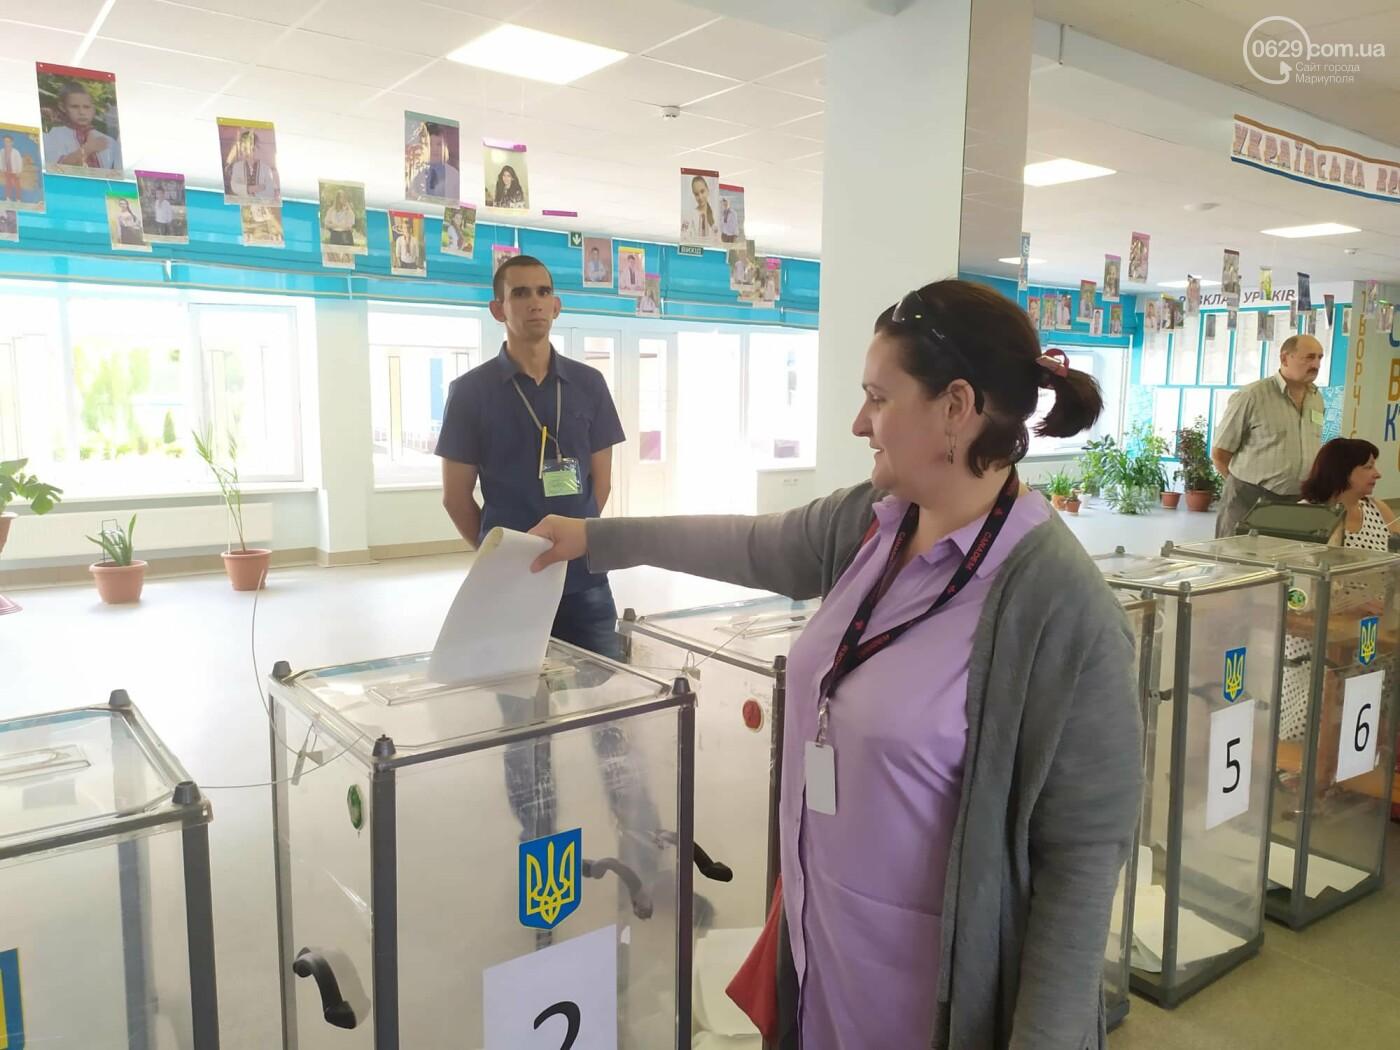 Выборы в Верховную Раду: как голосуют в Мариуполе, - ON-LINE, фото-6